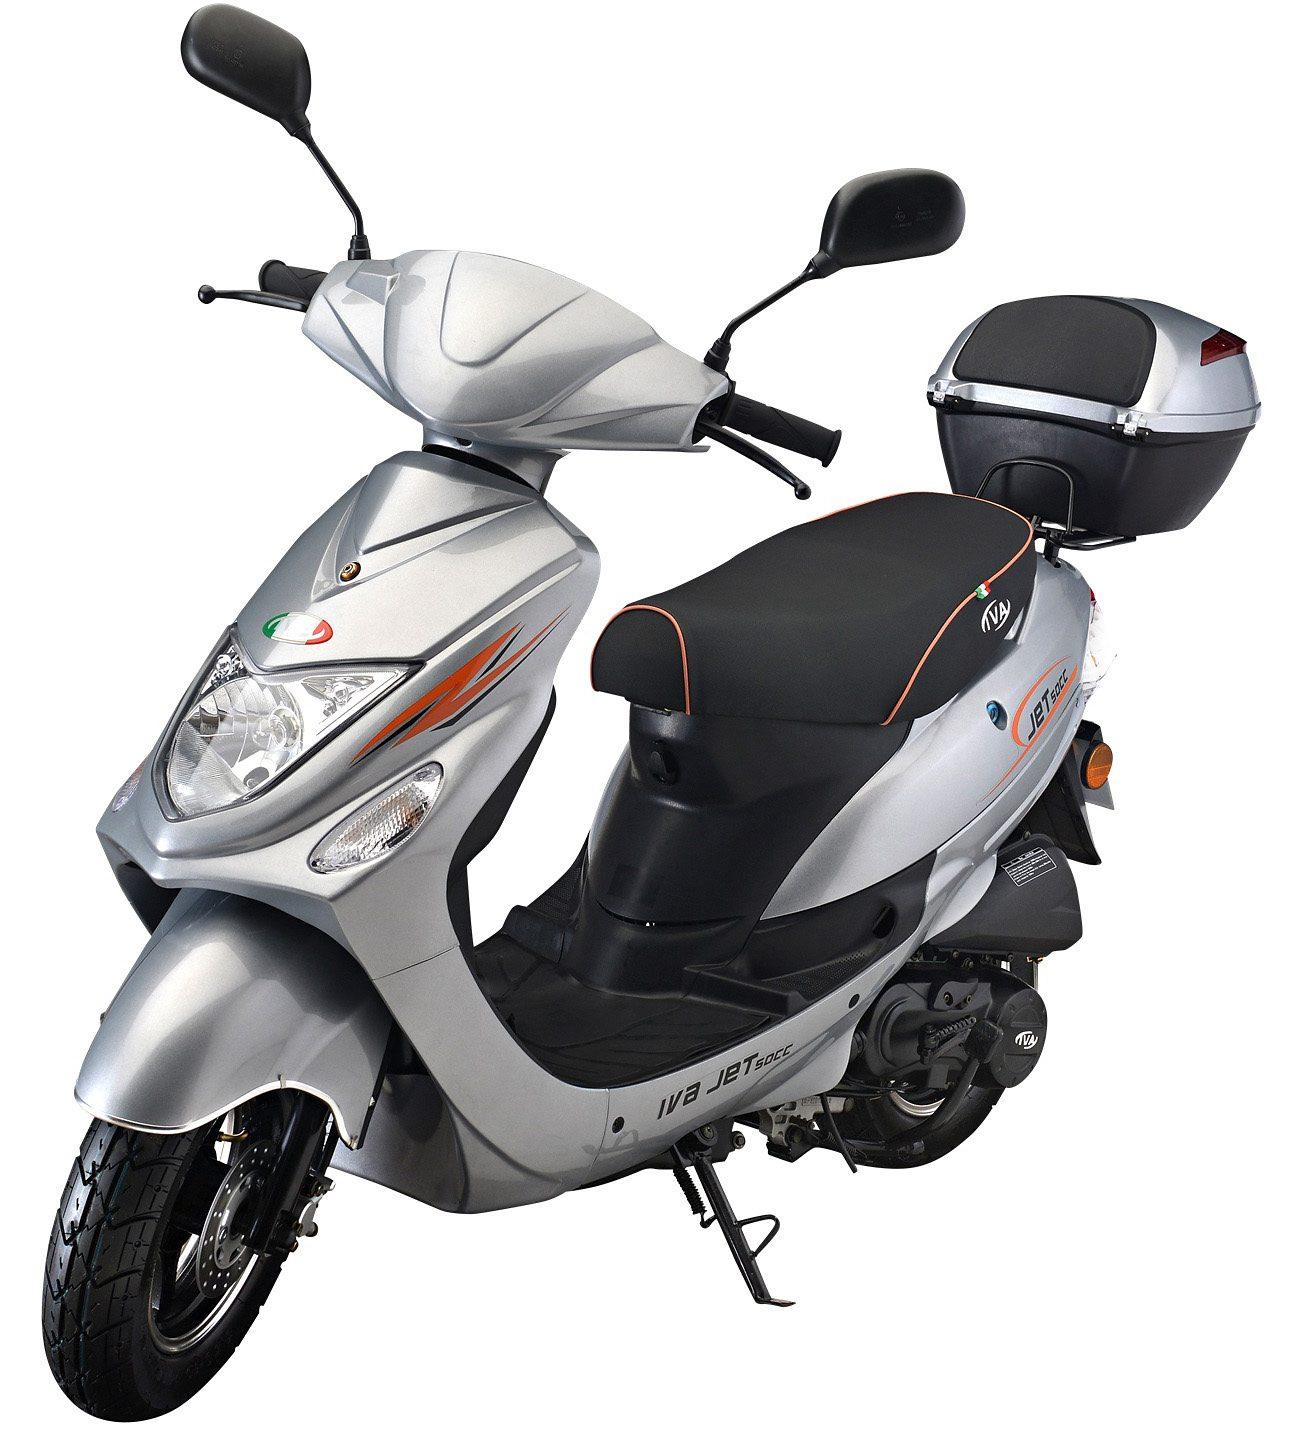 IVA Motorroller inkl. Topcase, 49 ccm, 45 km/h, silber, »Jet New«